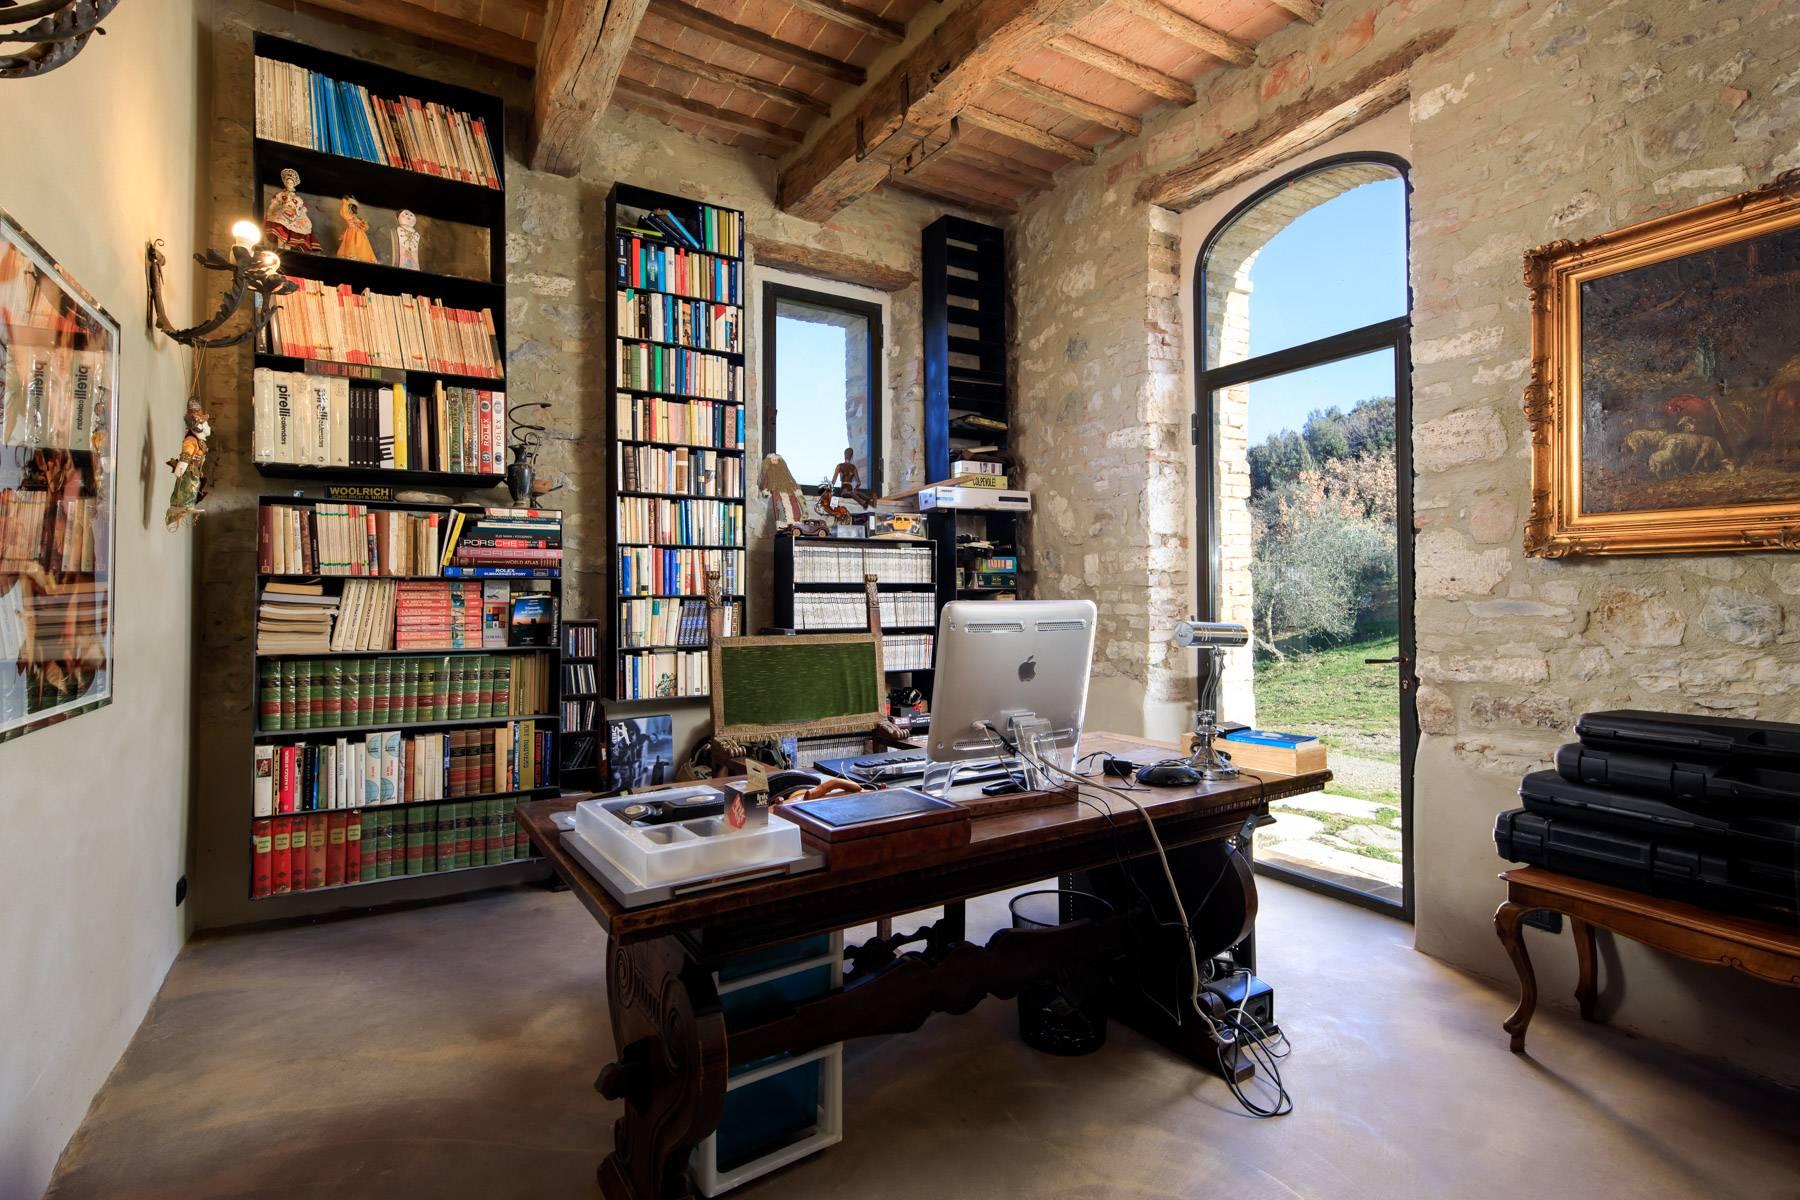 Rustico in Vendita a Castiglione D'Orcia: 5 locali, 716 mq - Foto 12